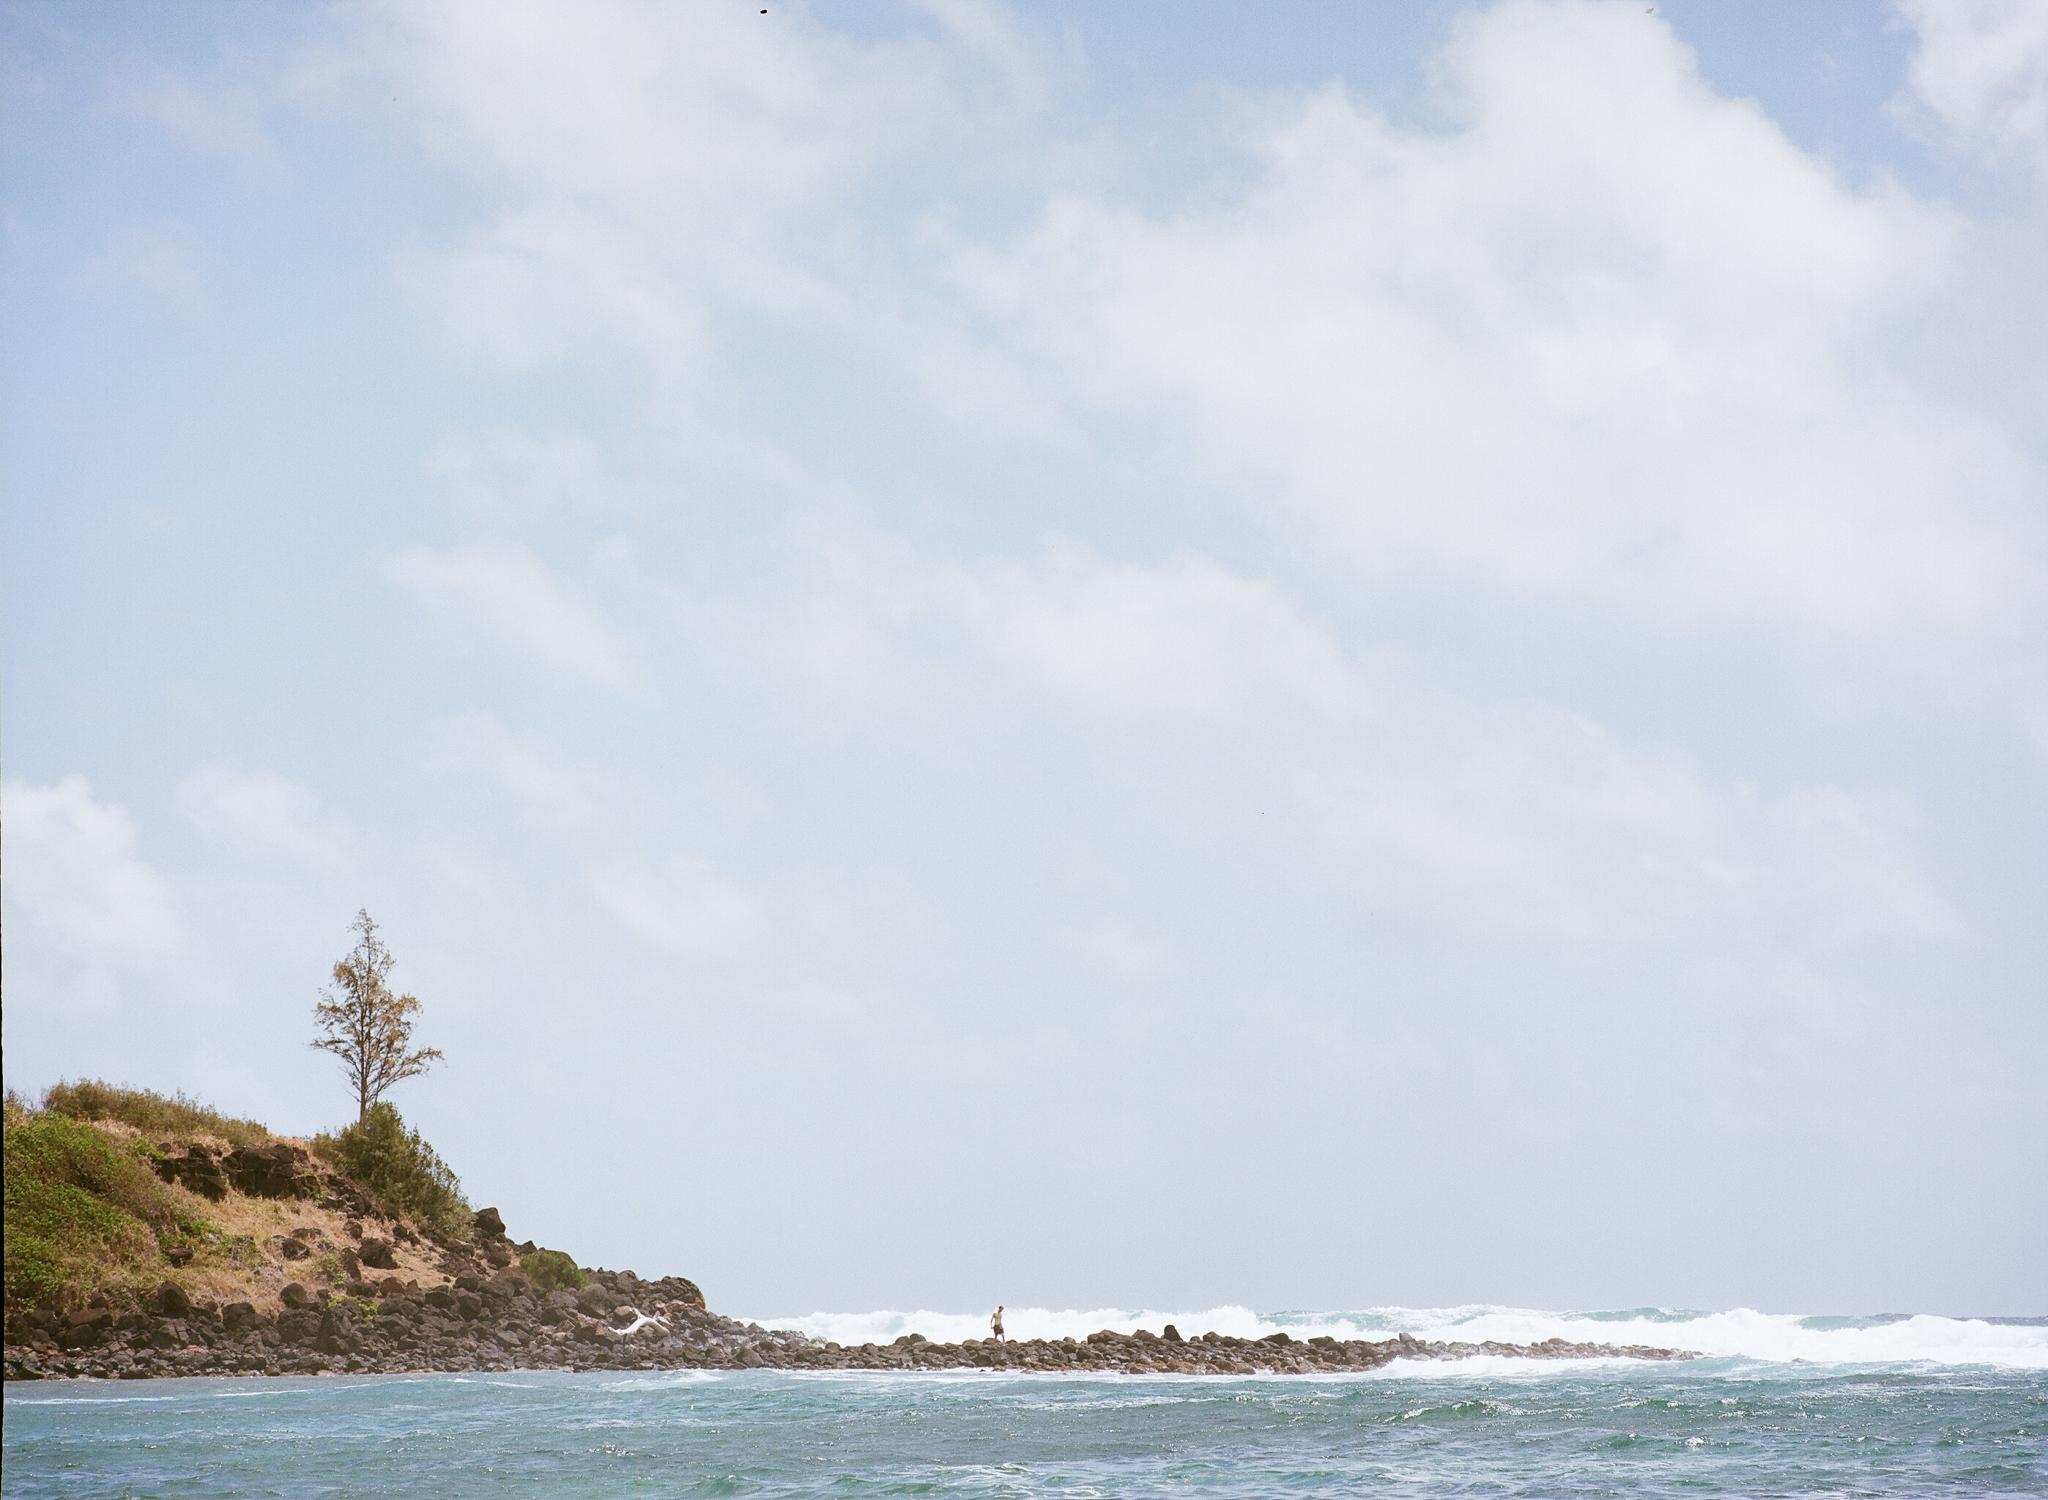 Kauai-147c - Copy.jpg